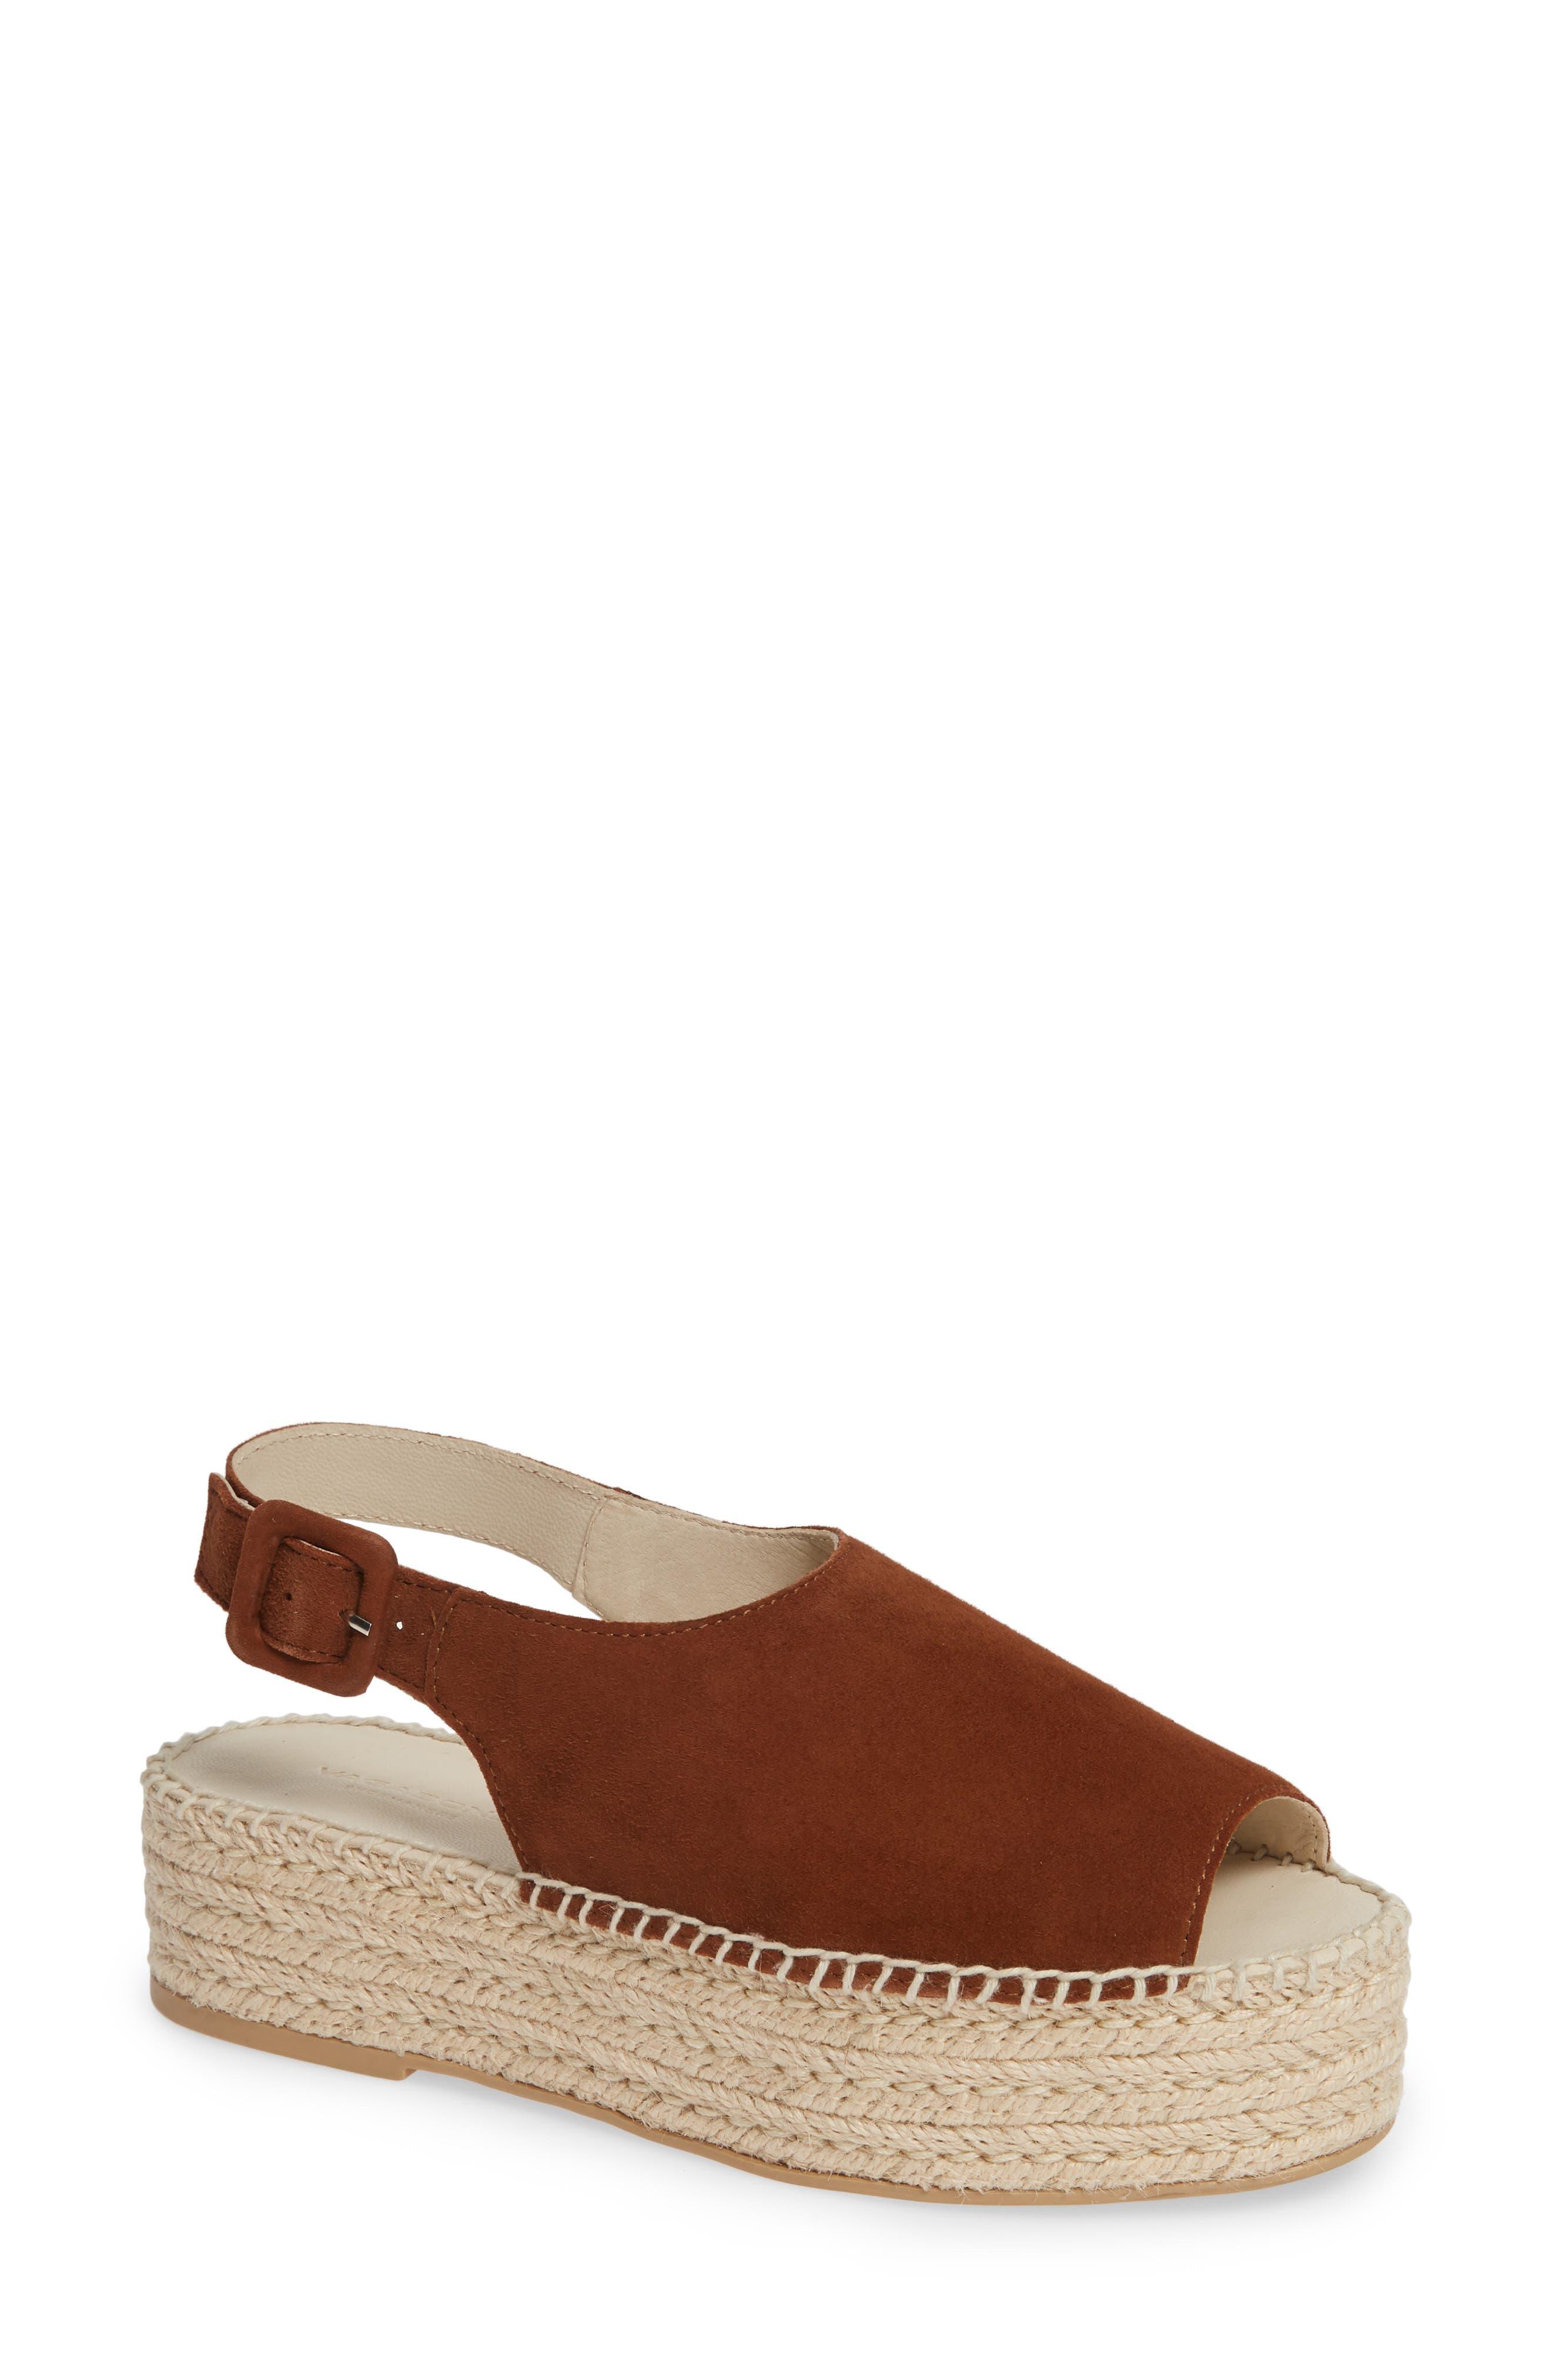 d12feabd3a Vagabond Shoemakers Celeste Platform Slingback Sandal - Brown